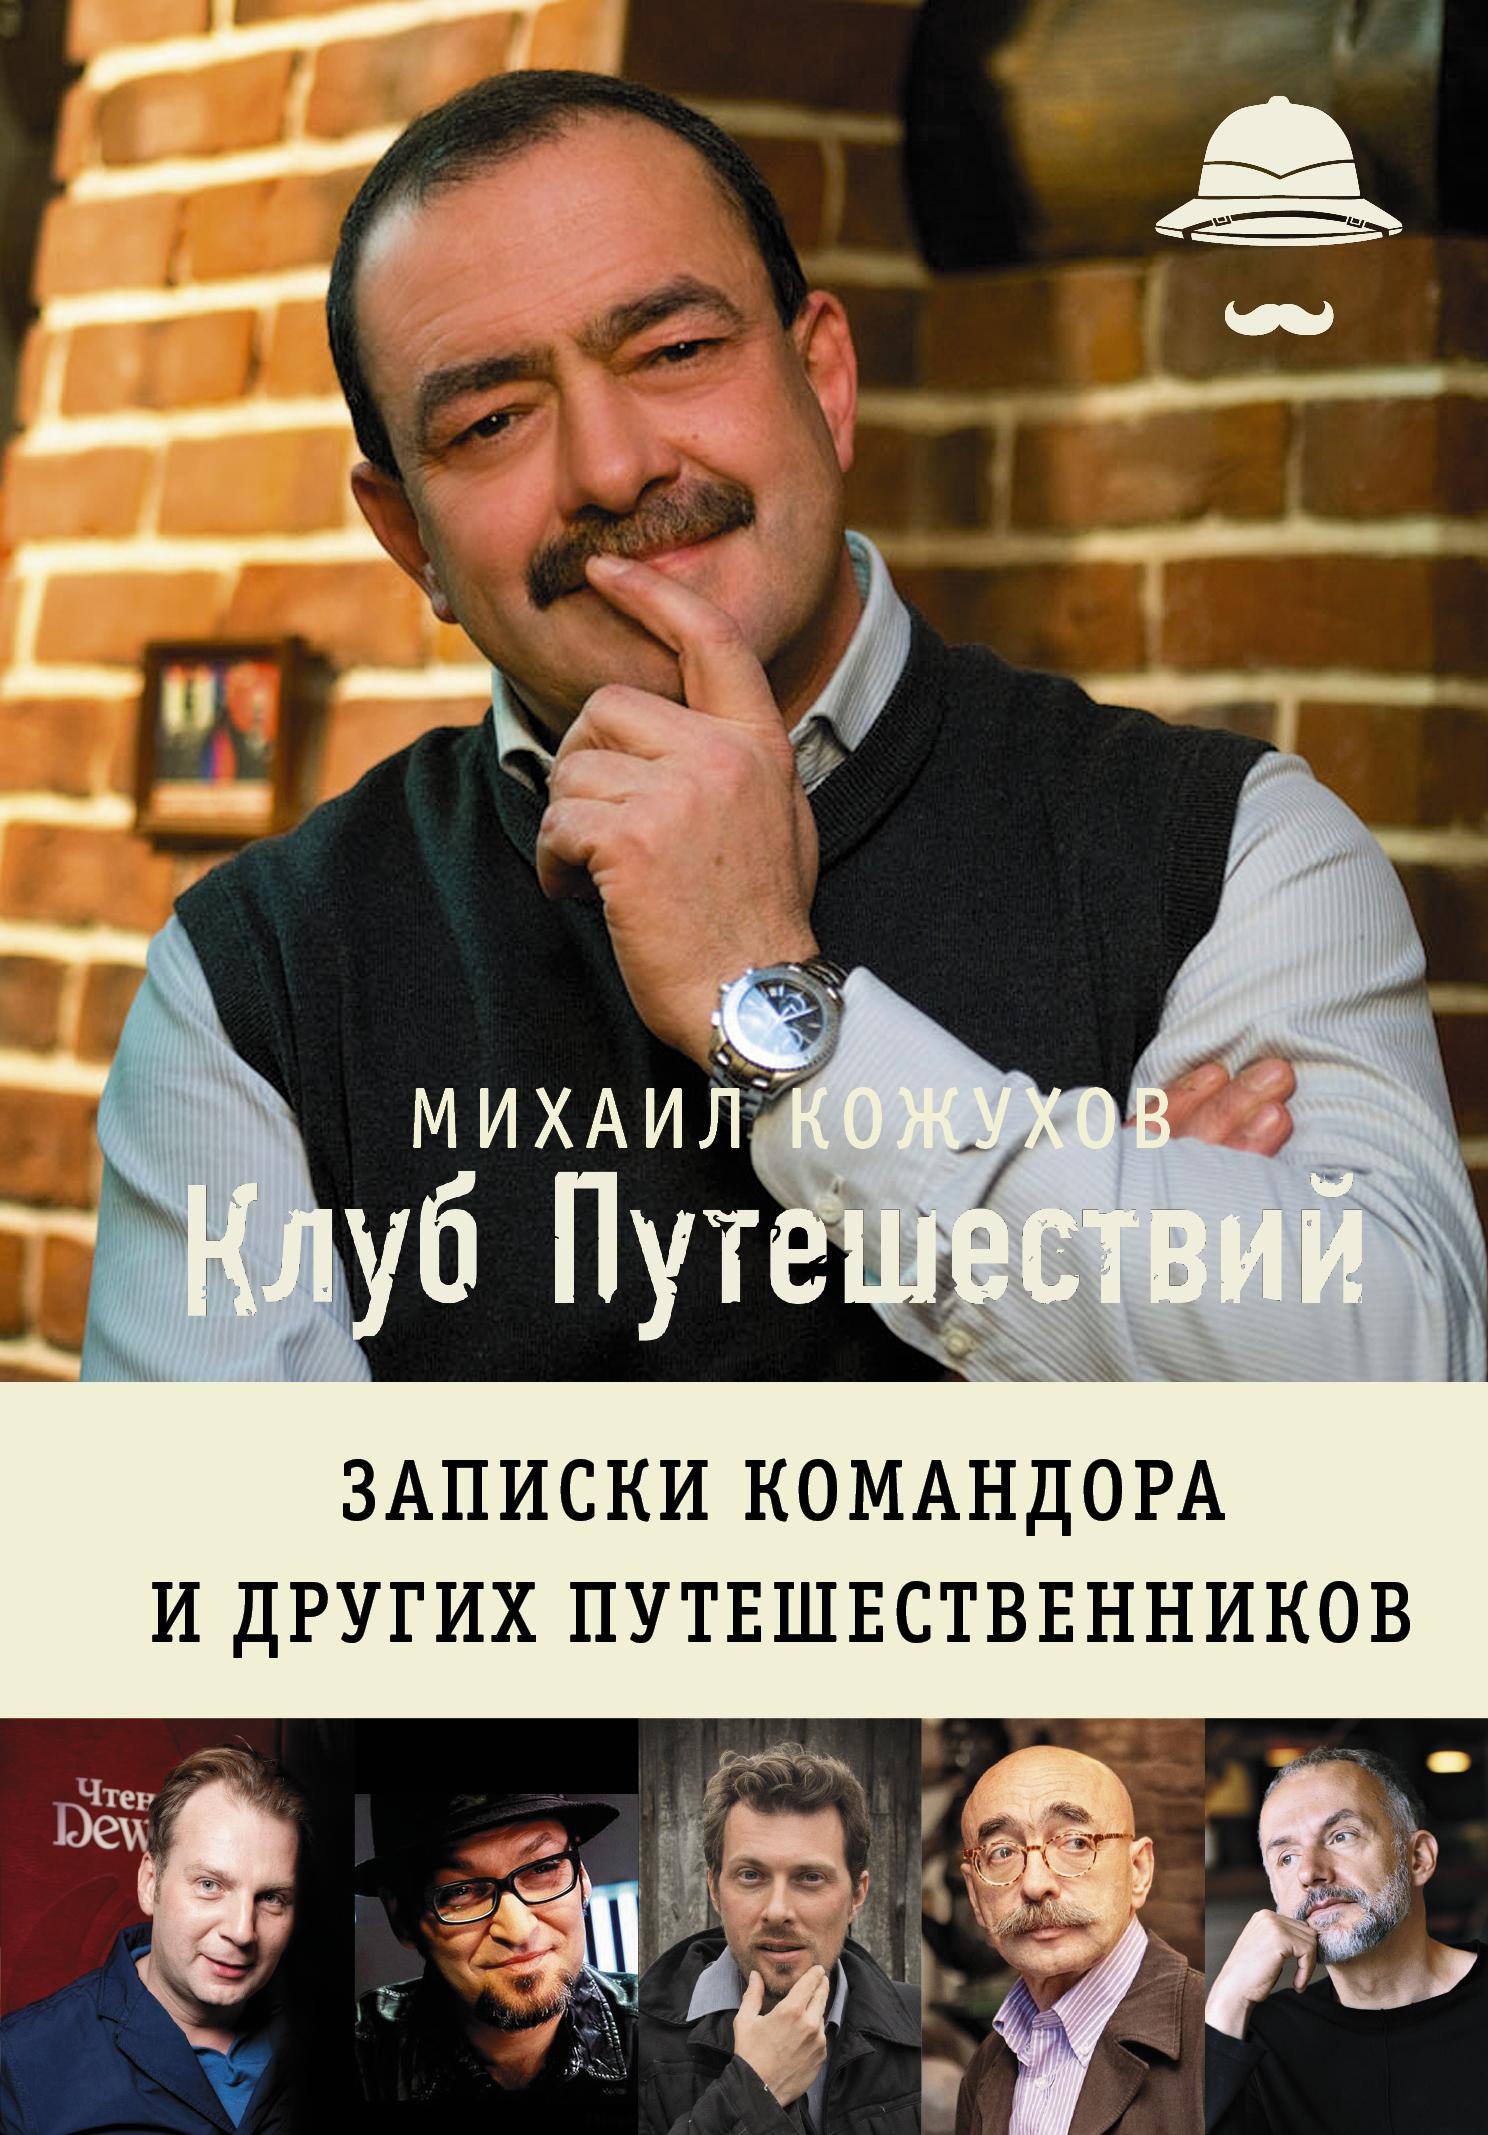 Михаил Кожухов Клуб путешествий Михаила Кожухова